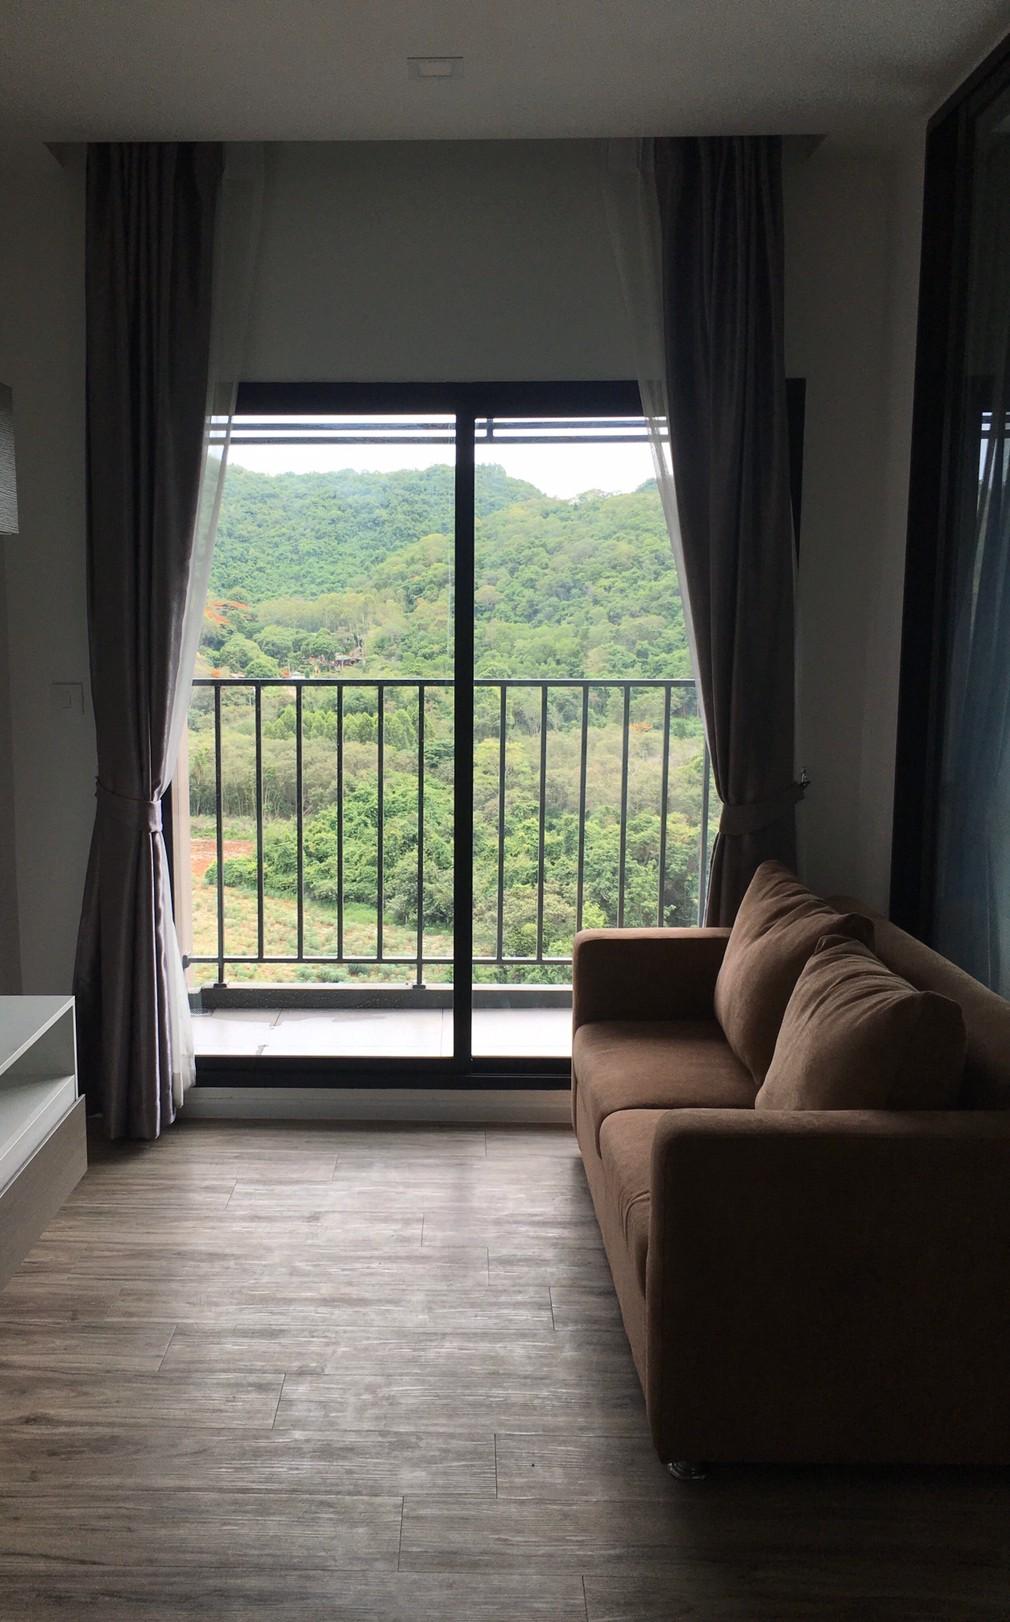 ภาพให้เช่า คอนโดหรู สไตล์ญี่ปุ่น ไนท์บริดจ์ ดิโอเชียน ศรีราชา 1 ห้องนอน 35 ตร.ม  วิวภูเขา (A112)